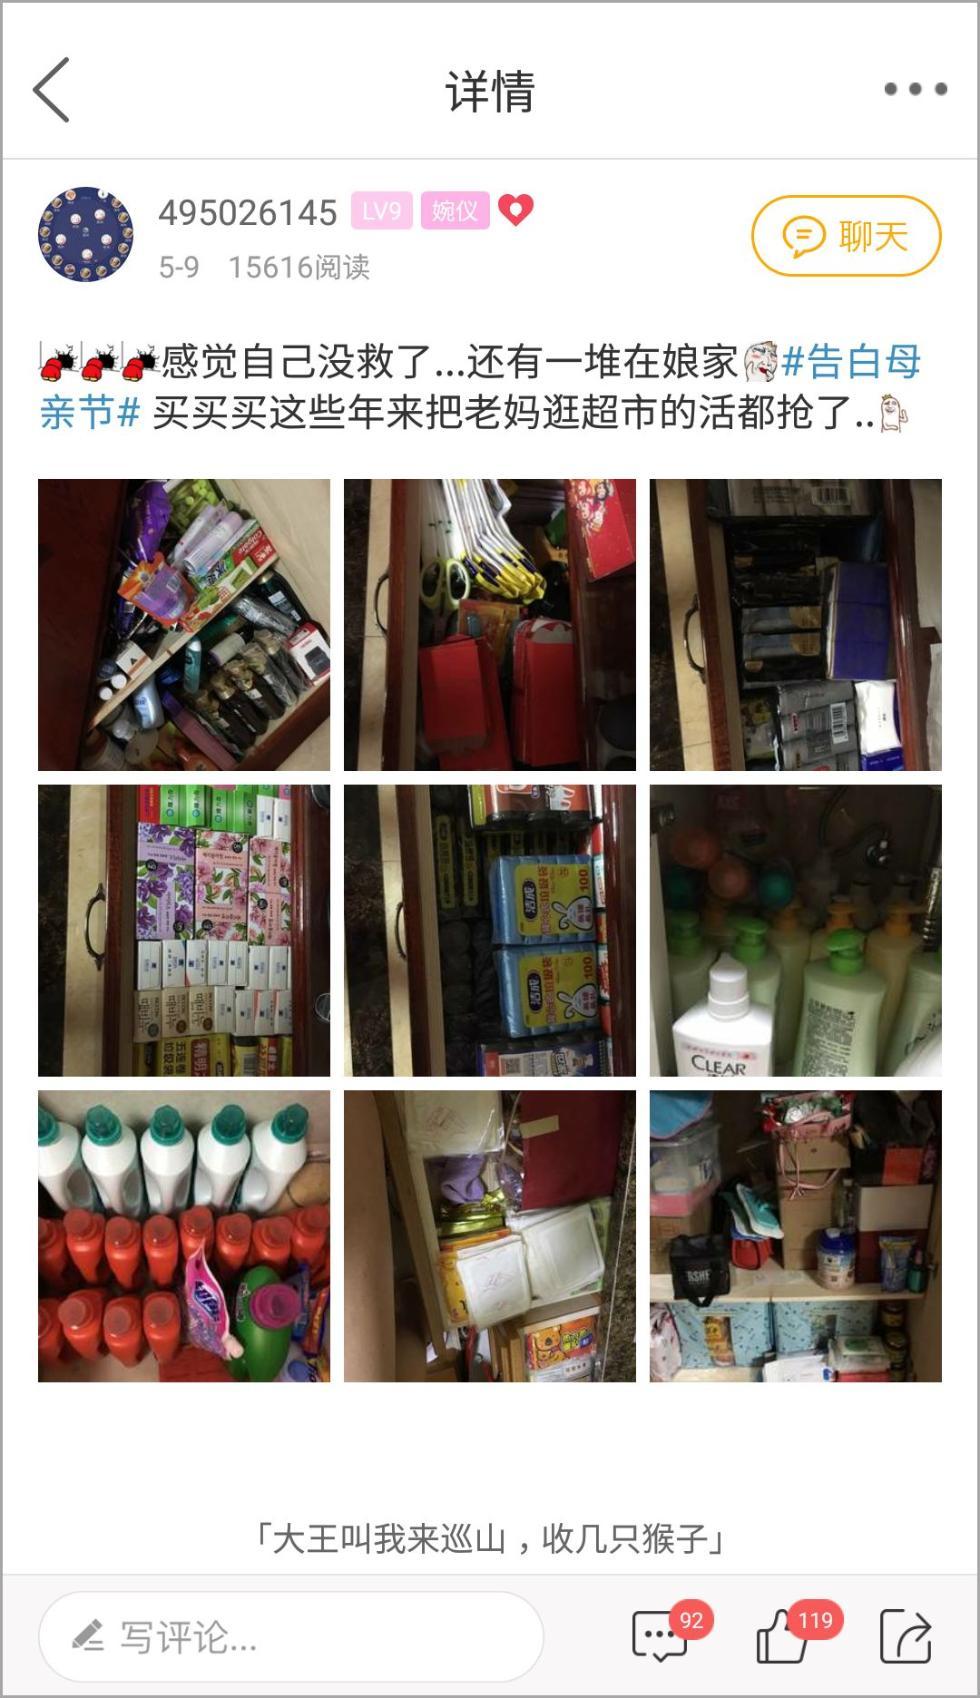 姑娘说自己没救了!控制不住买买买,手镯就有200个......家中照片更震撼